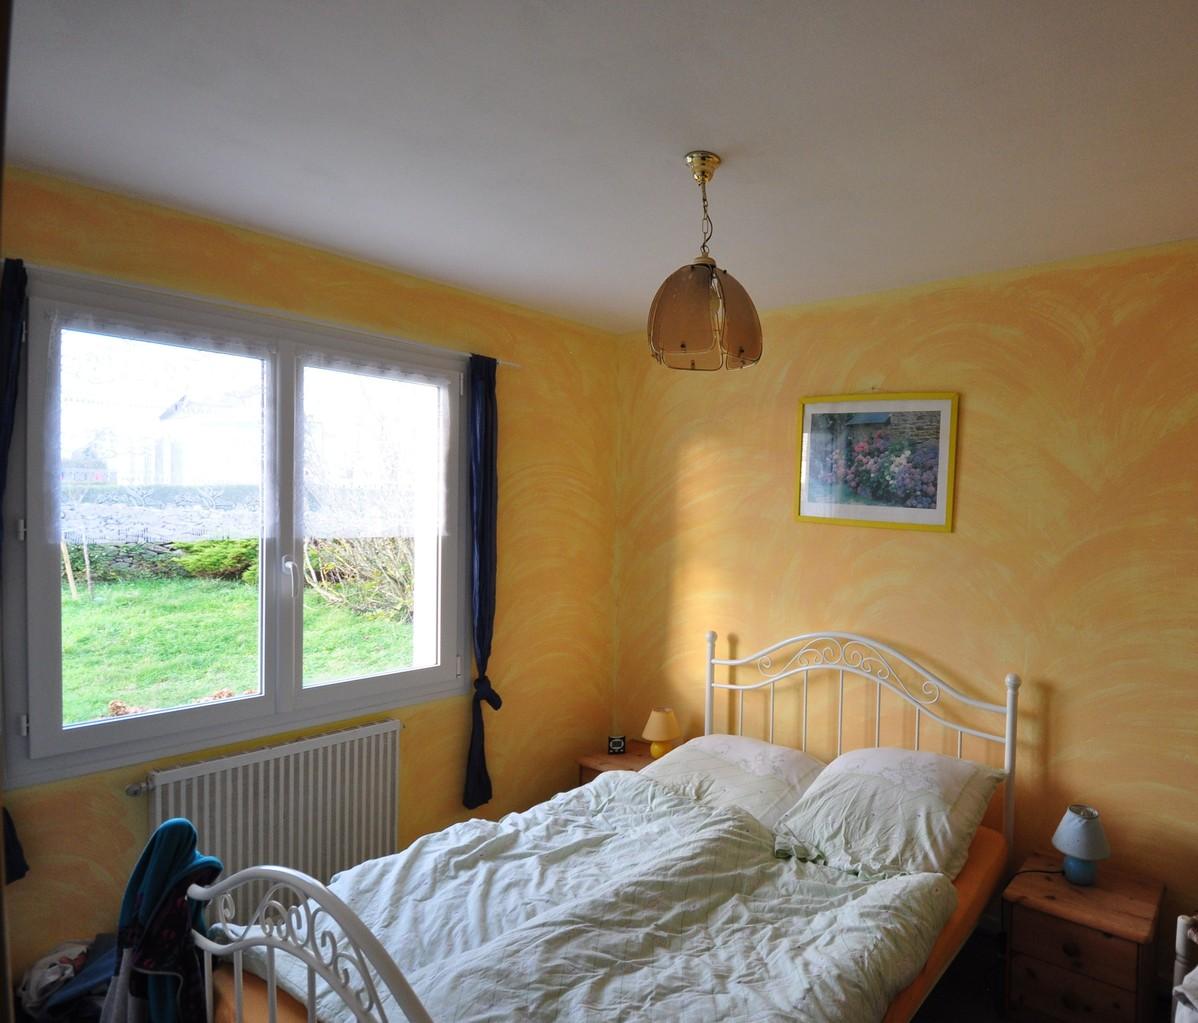 Schlafzimmer unten, Bett 140cm